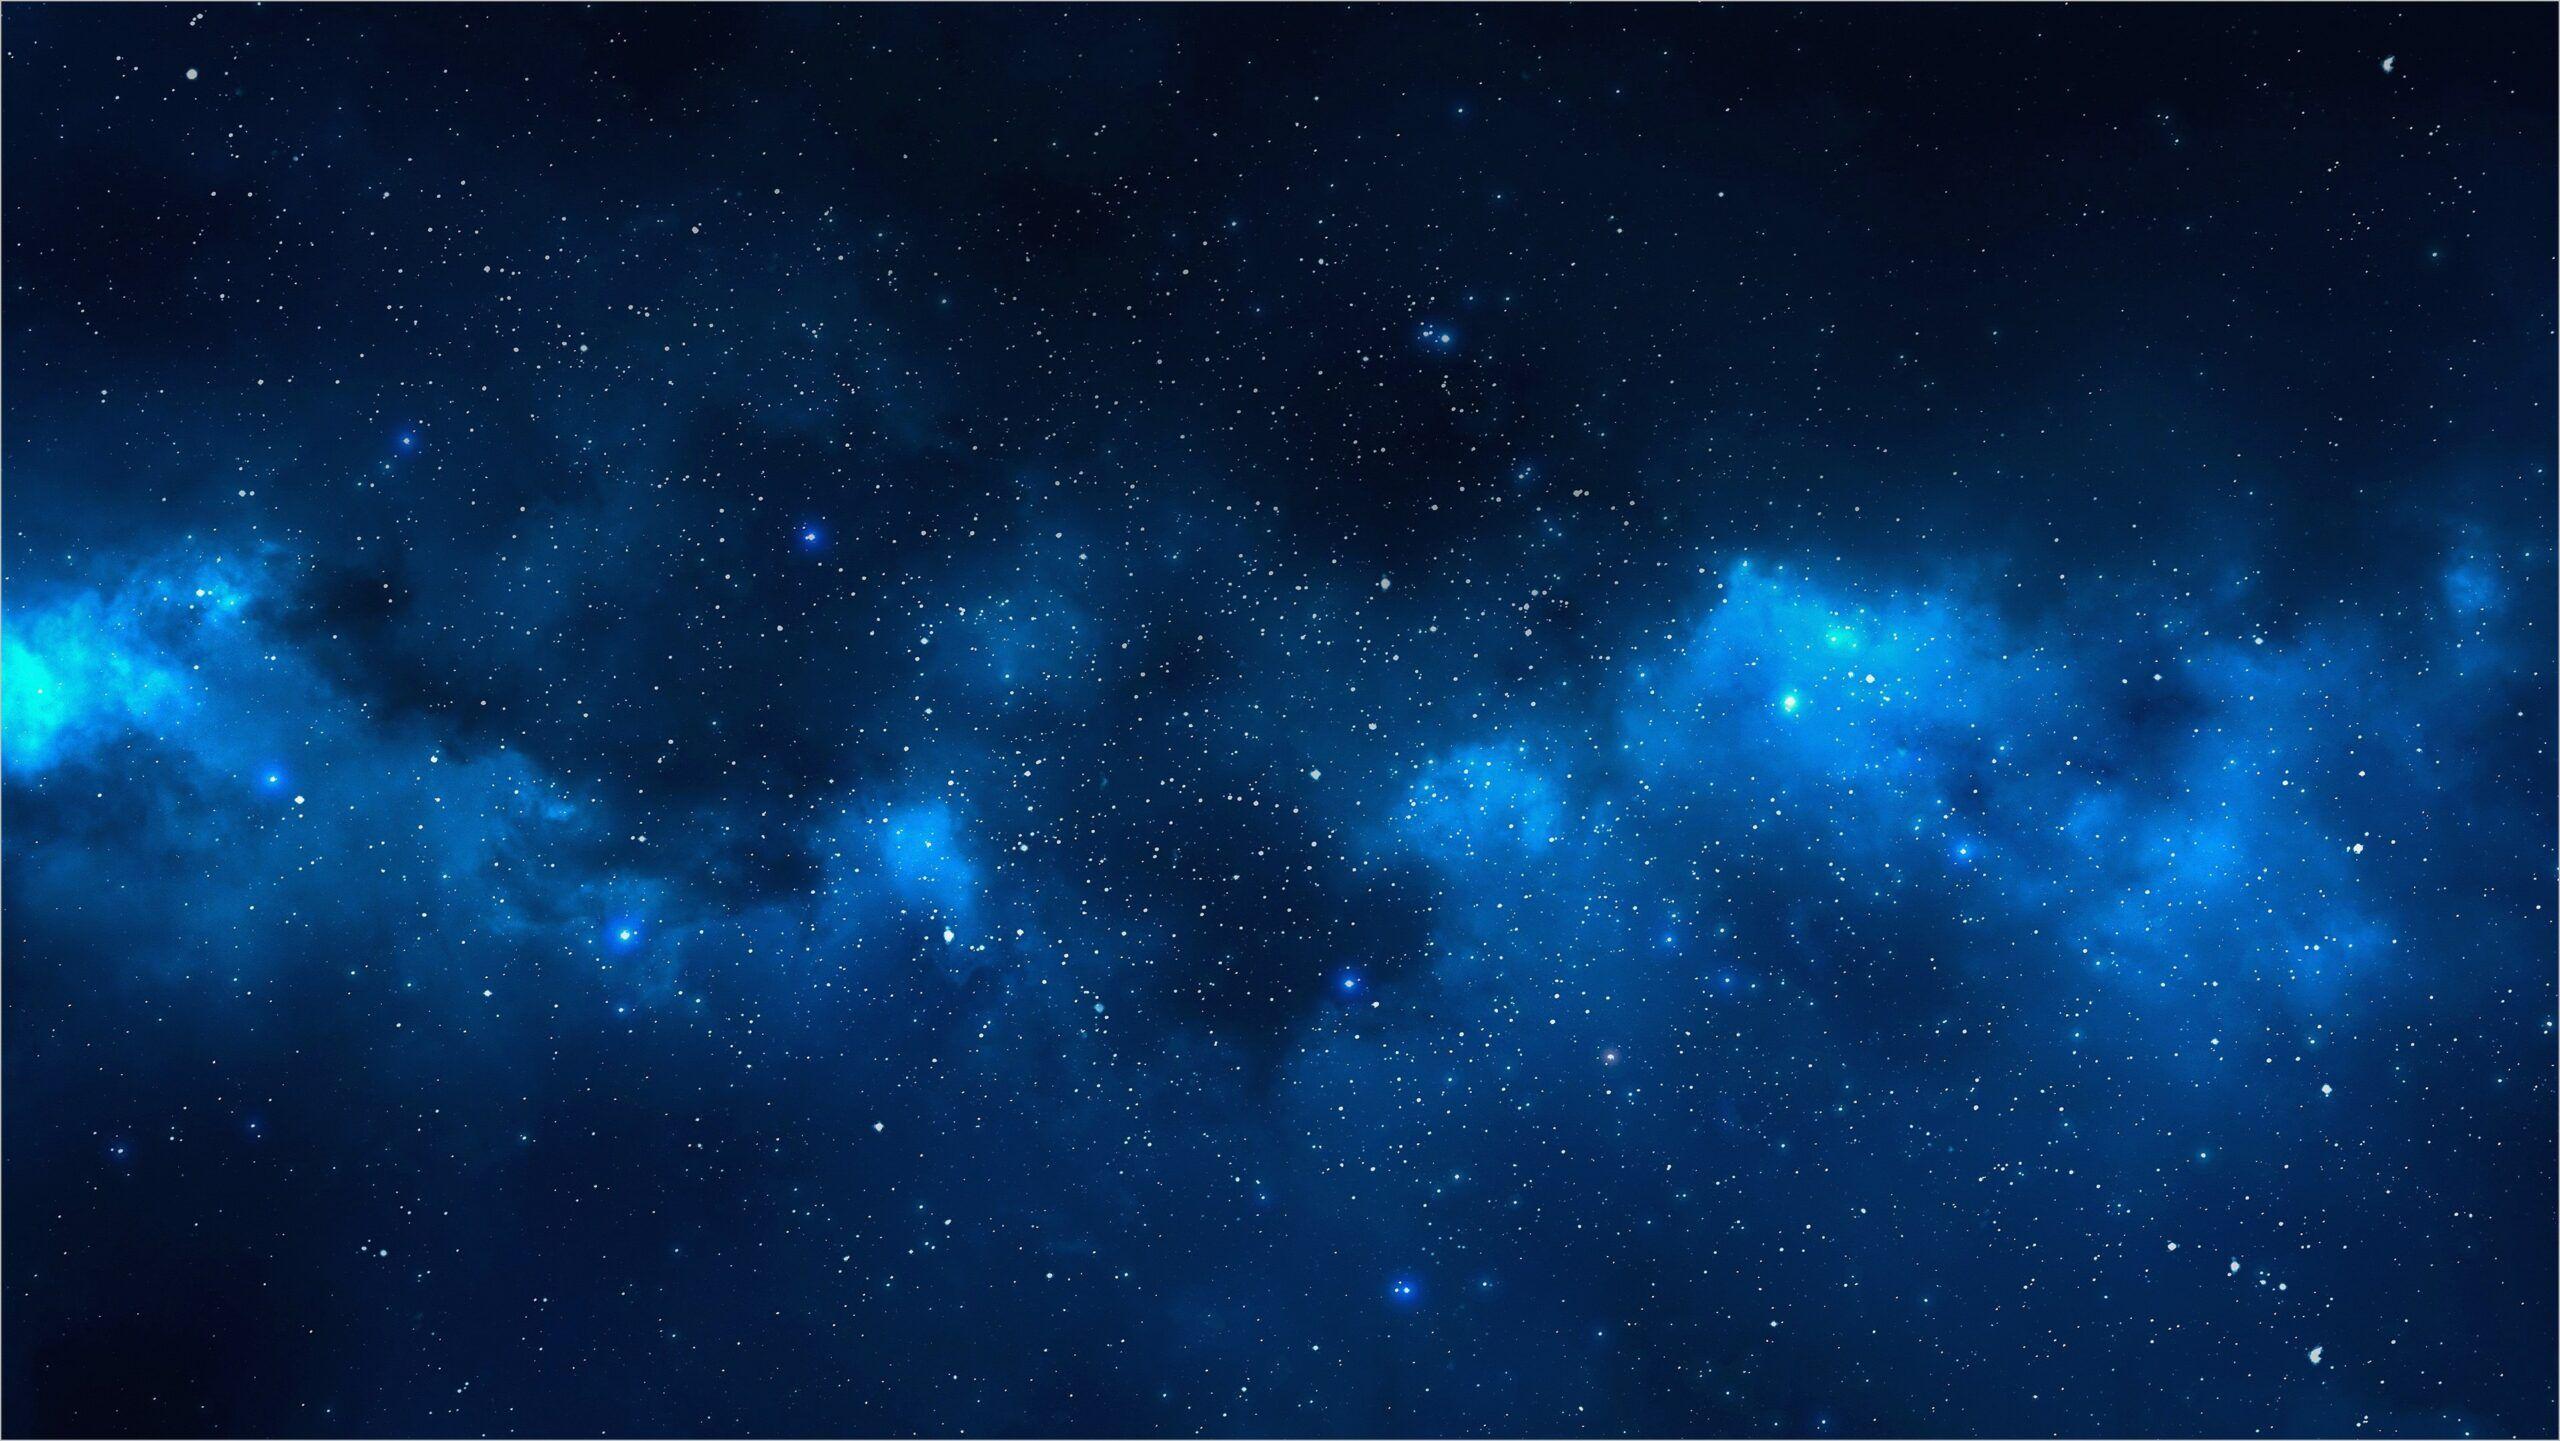 Wallpaper 4k De Universo Para Pc In 2020 Galaxy Wallpaper Computer Wallpaper Hd Blue Galaxy Wallpaper